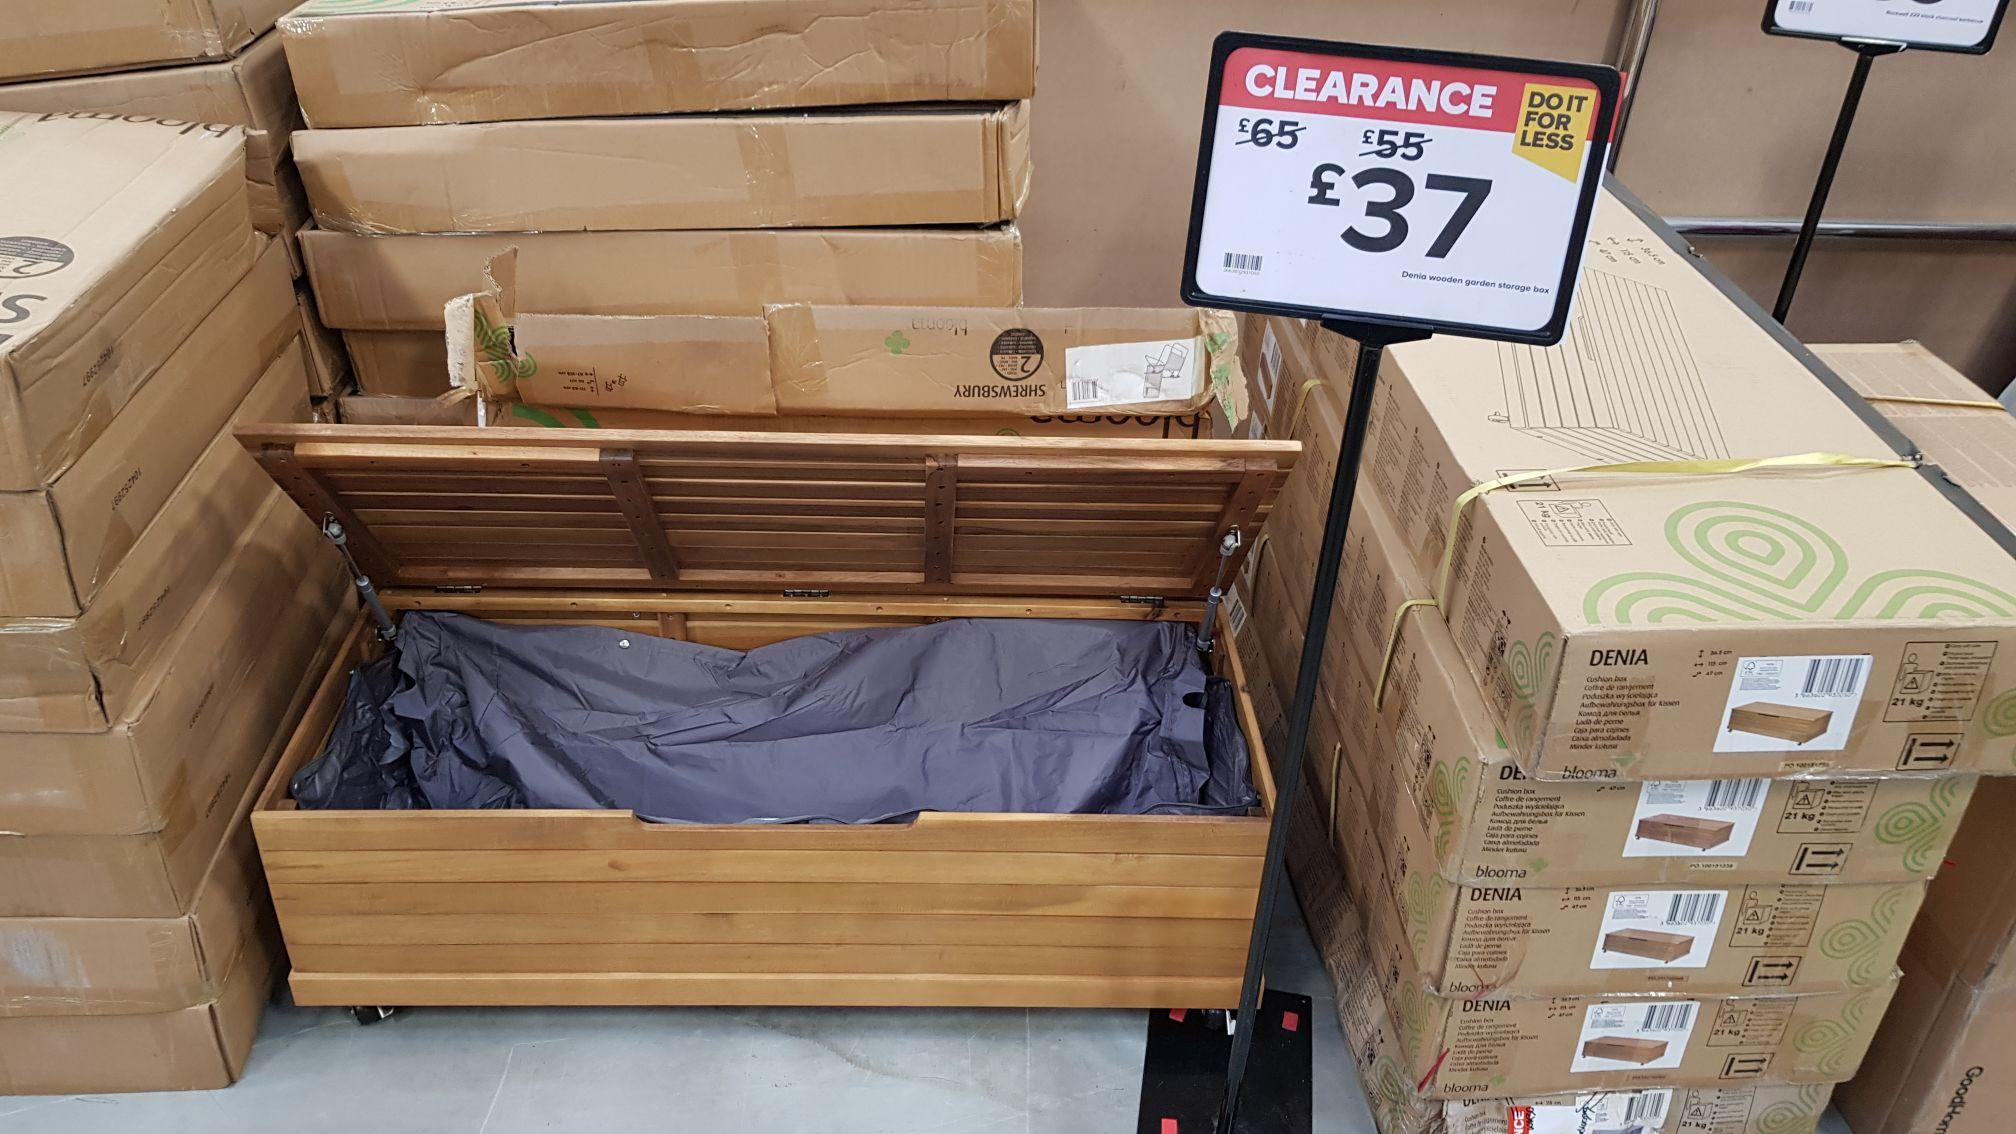 Denia Wooden Garden storage box - £37 @ B&Q